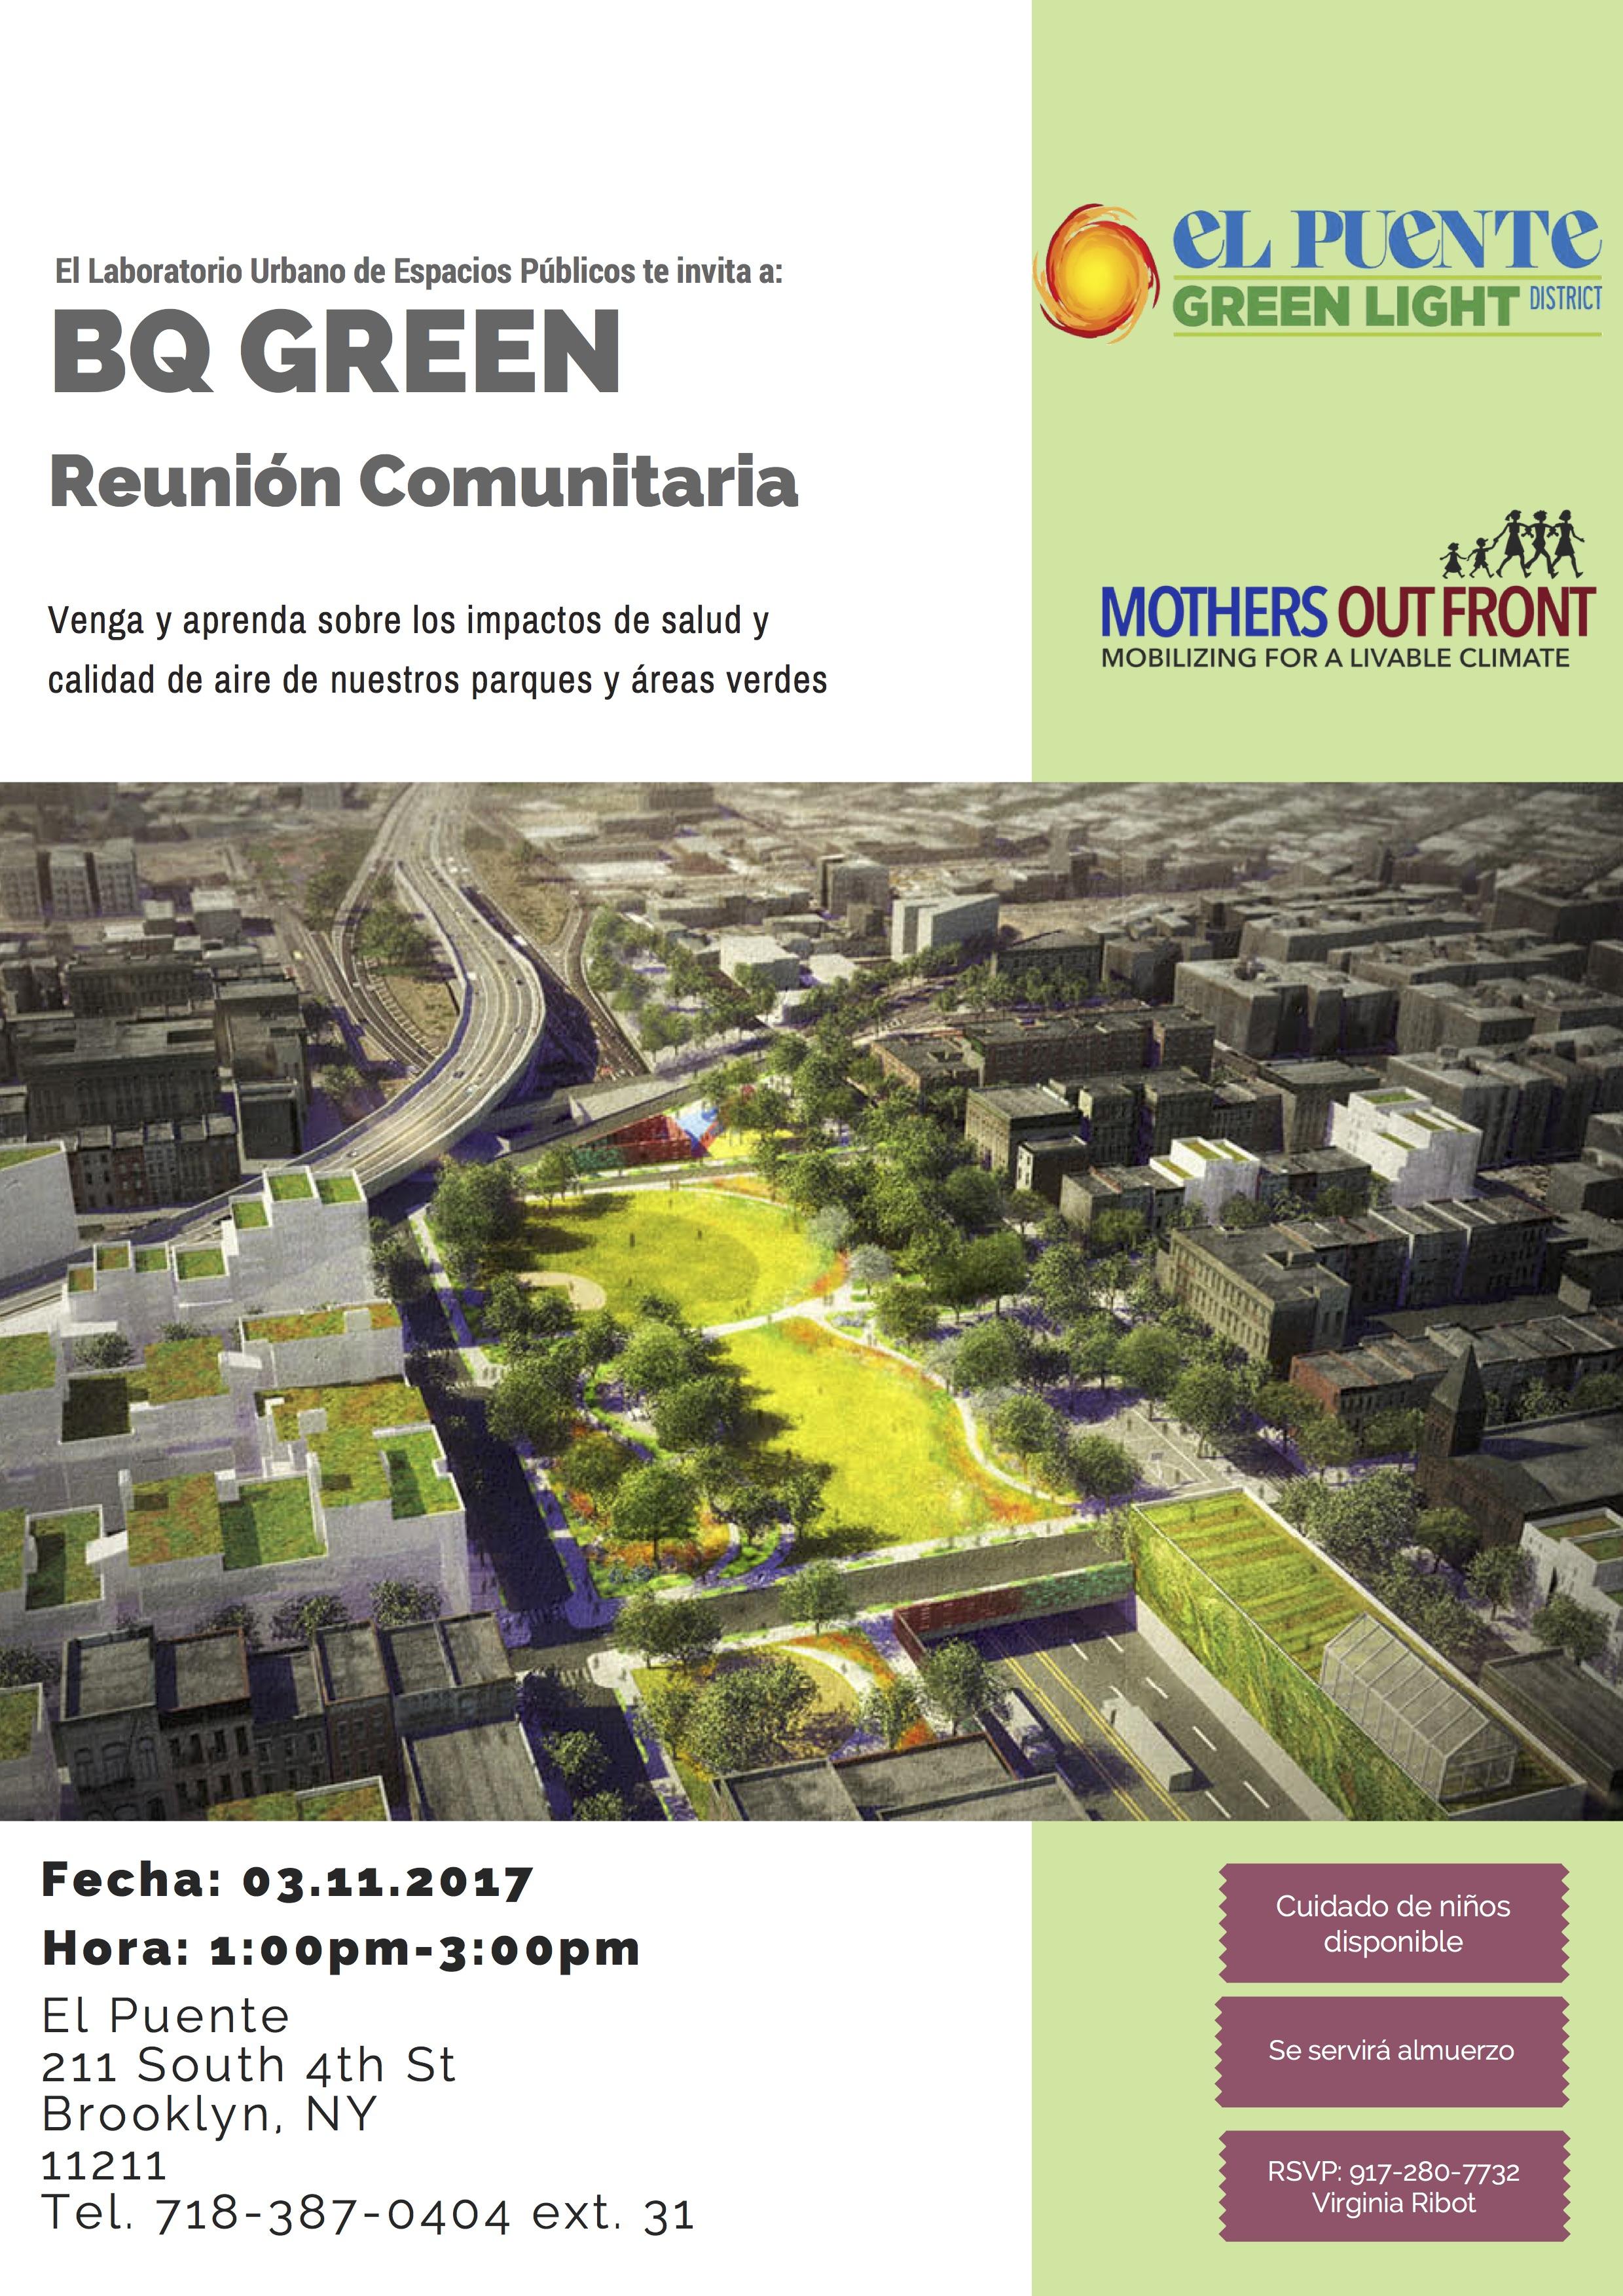 bq_green_community_meeting_(2_S).jpg